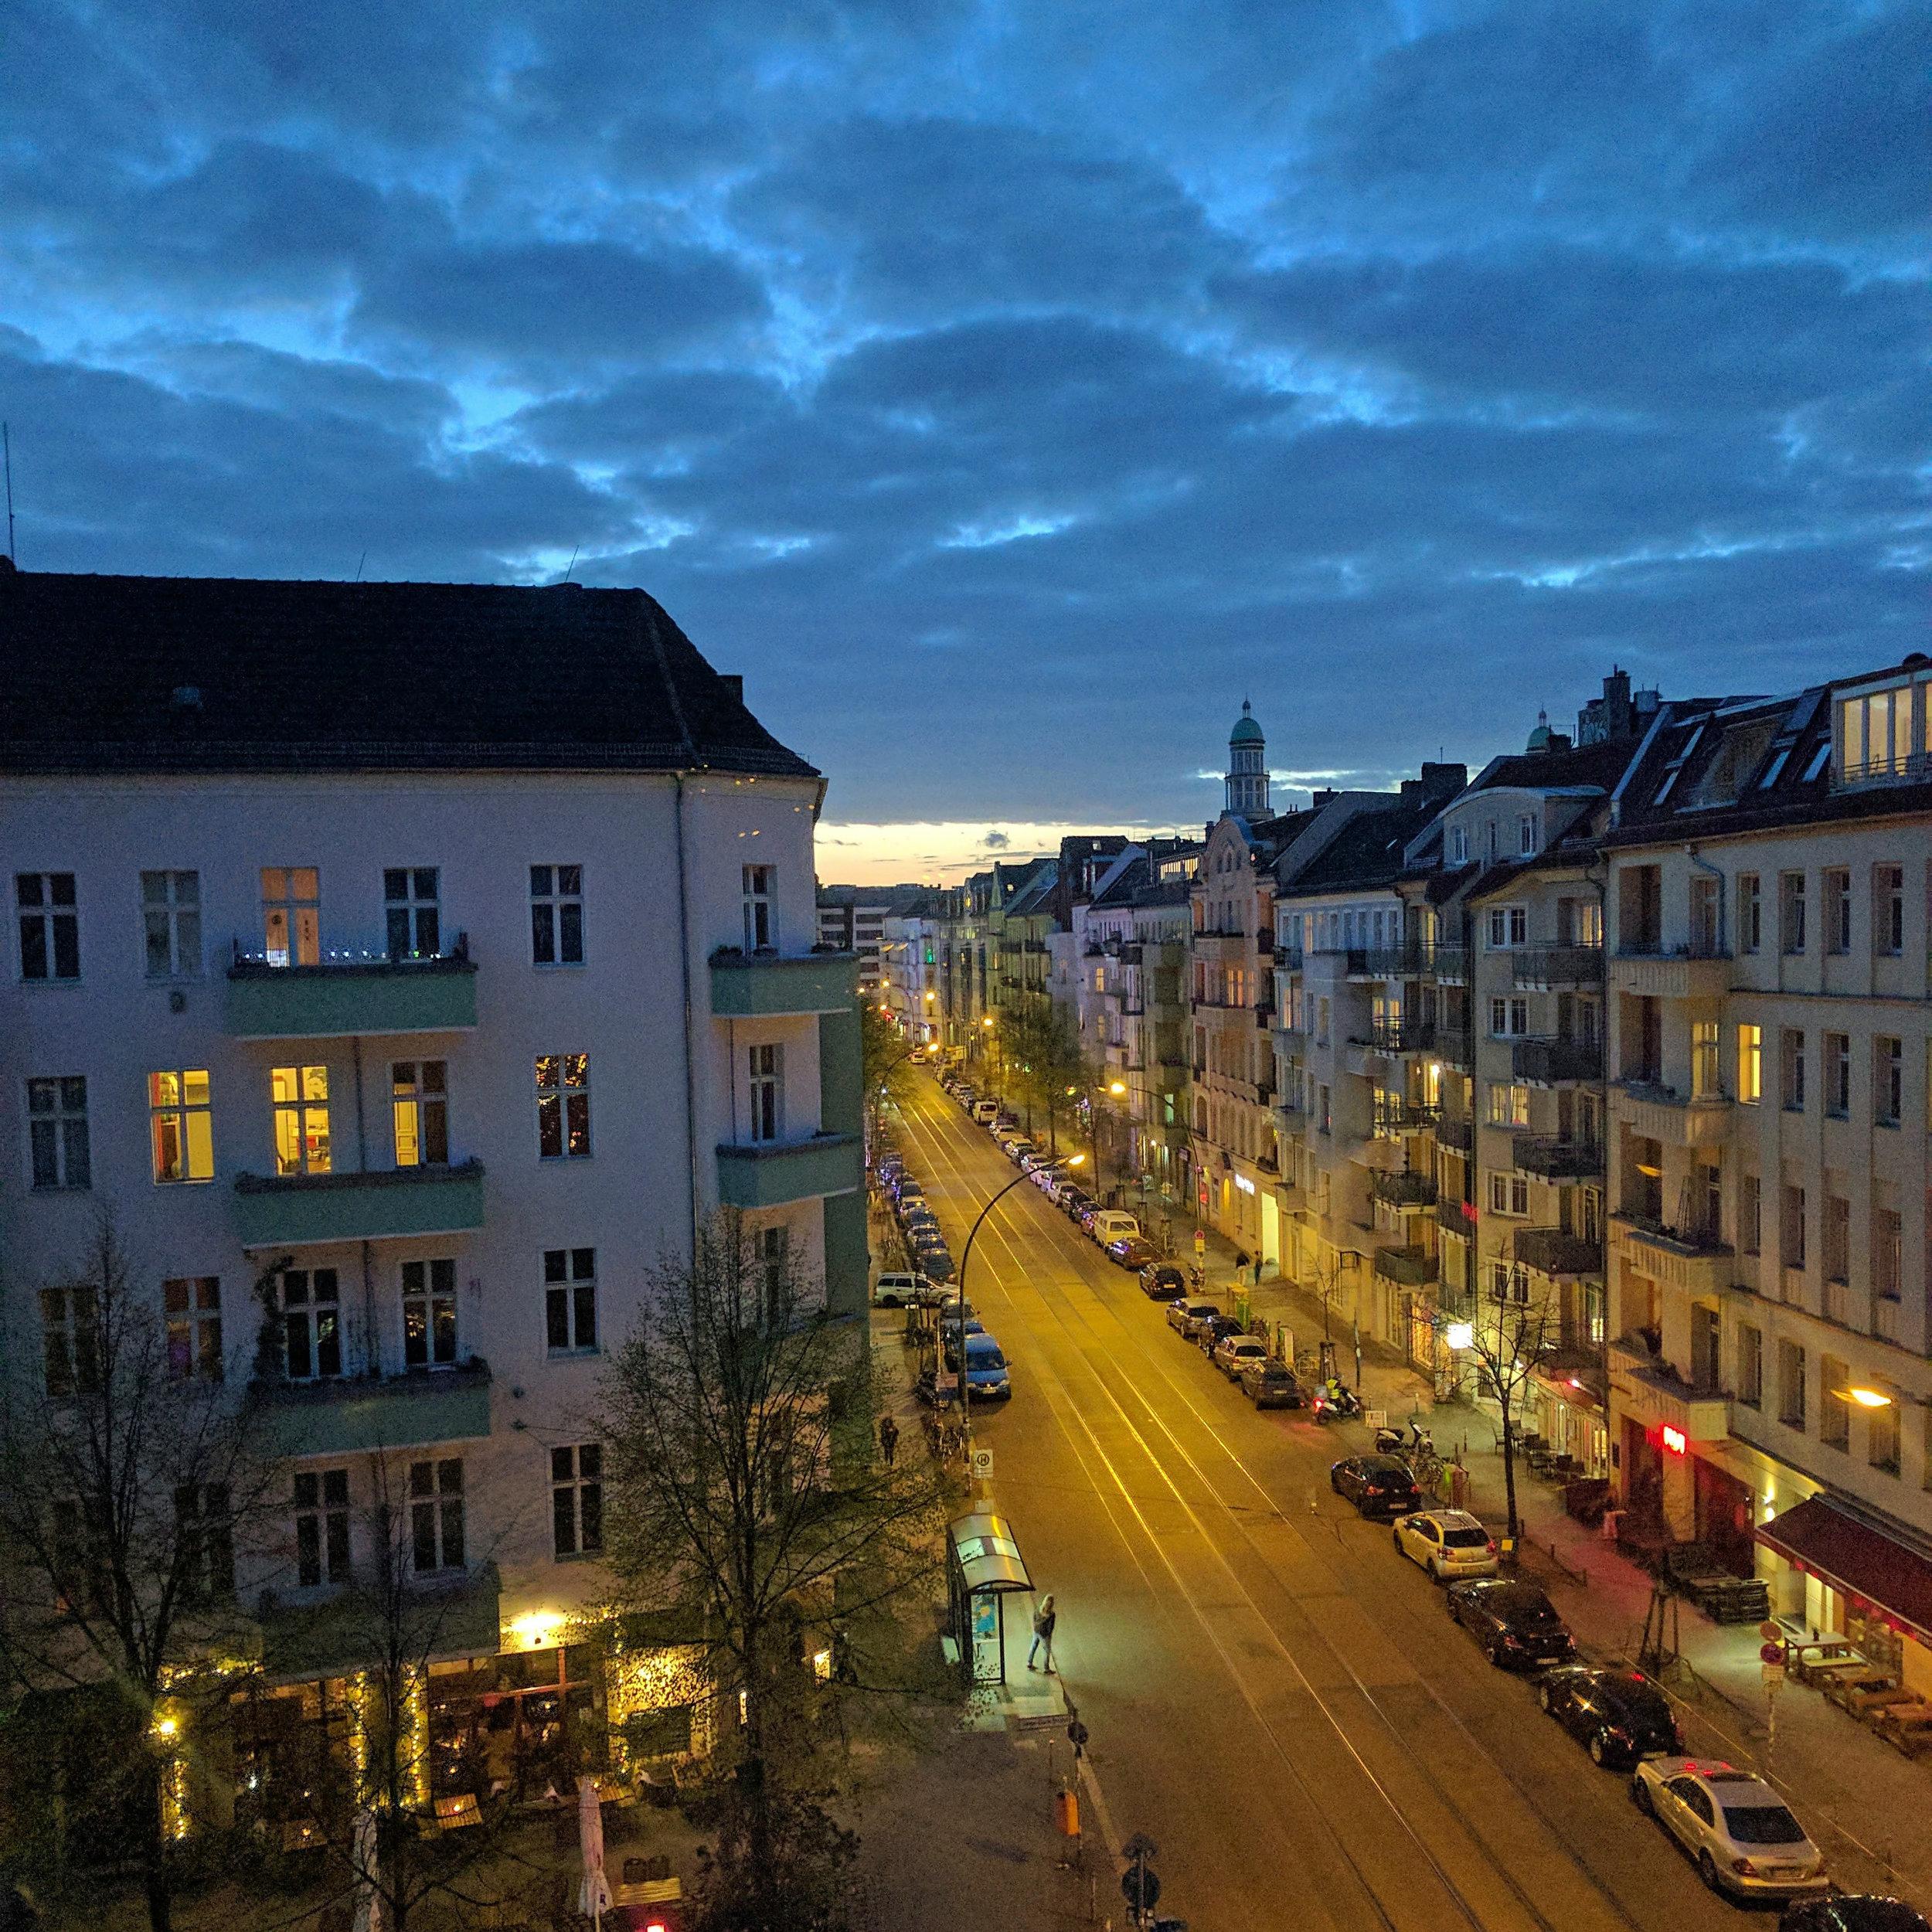 Evening street view of Friedrichshain. One Year in Berlin. First year in Berlin. Jamie House Design